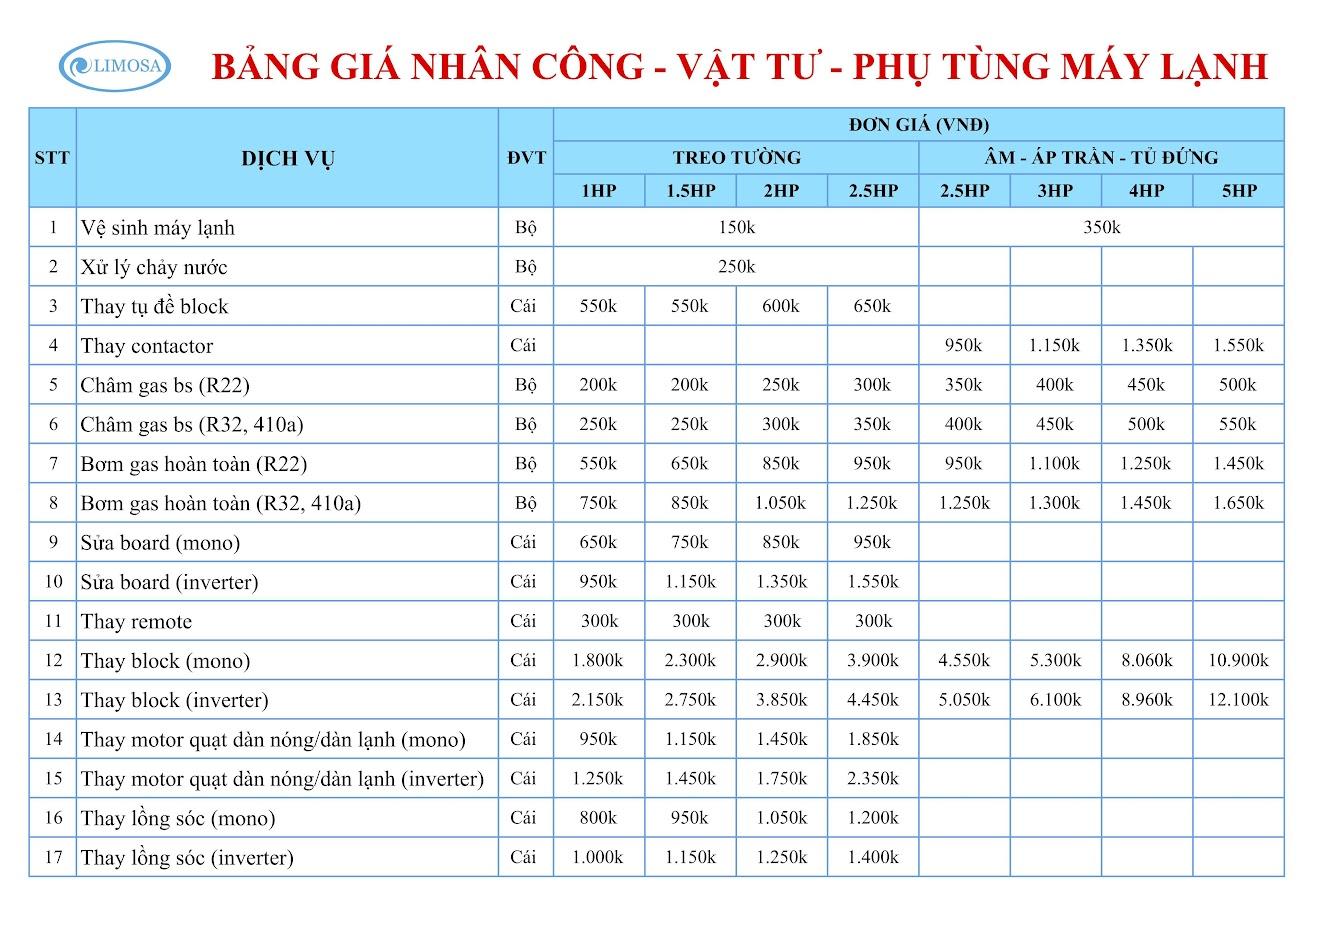 Thông tin về bảng giá sửa máy lạnh quận Tân Bình